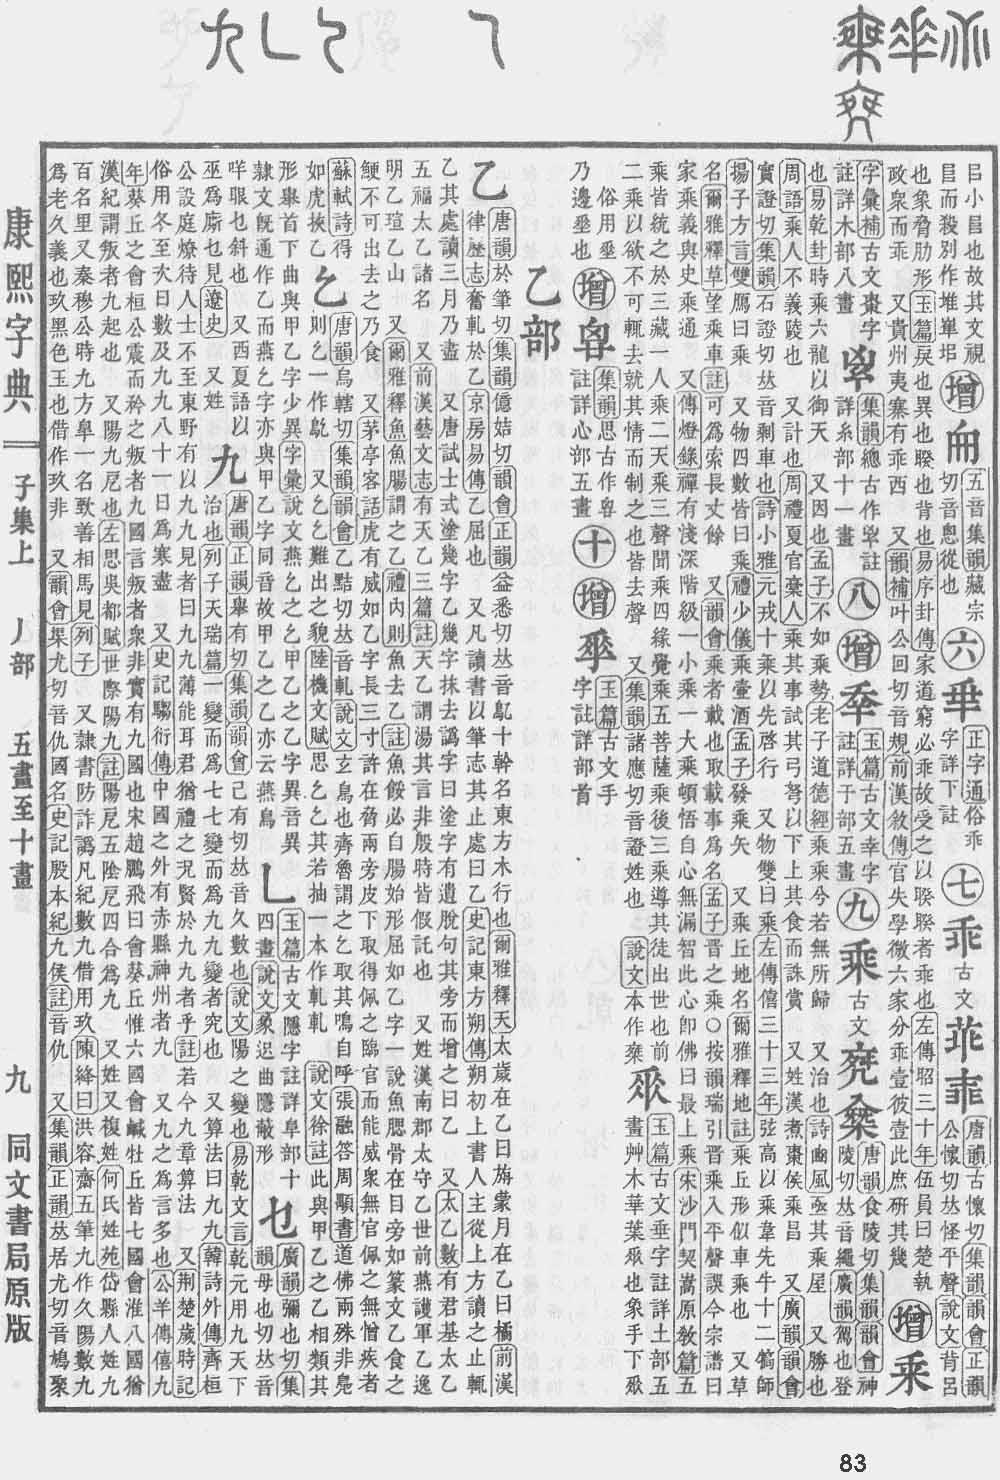 《康熙字典》第83页